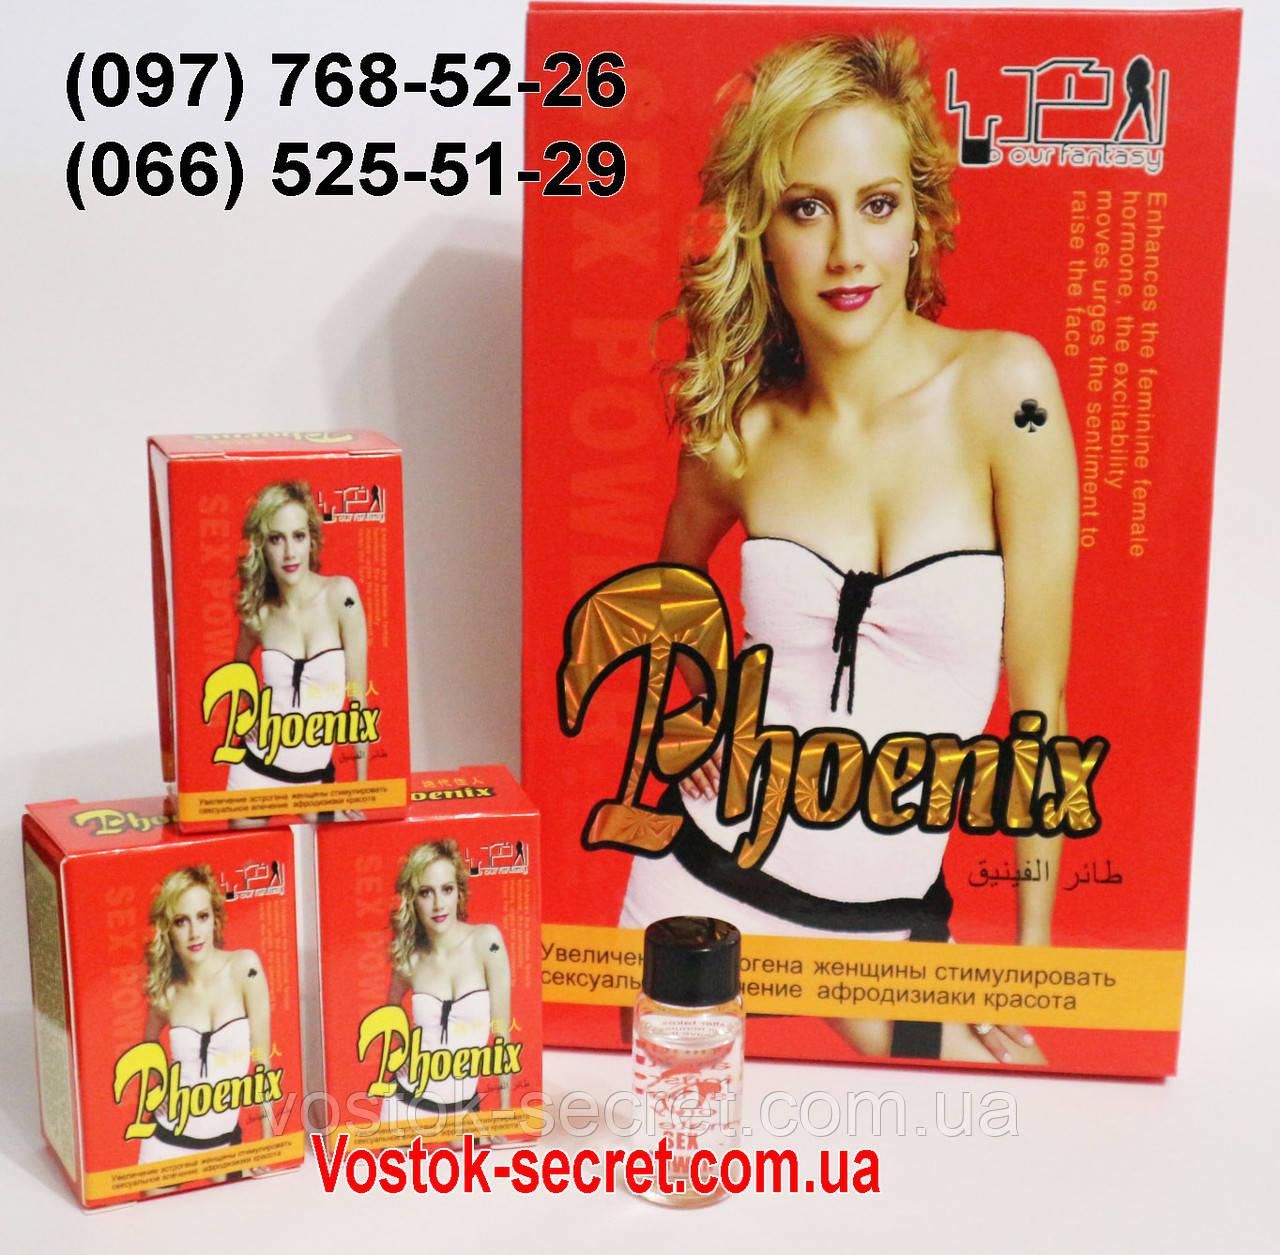 Феникс, Phoenix - возбуждающие капли для женщин, 10 флаконов..